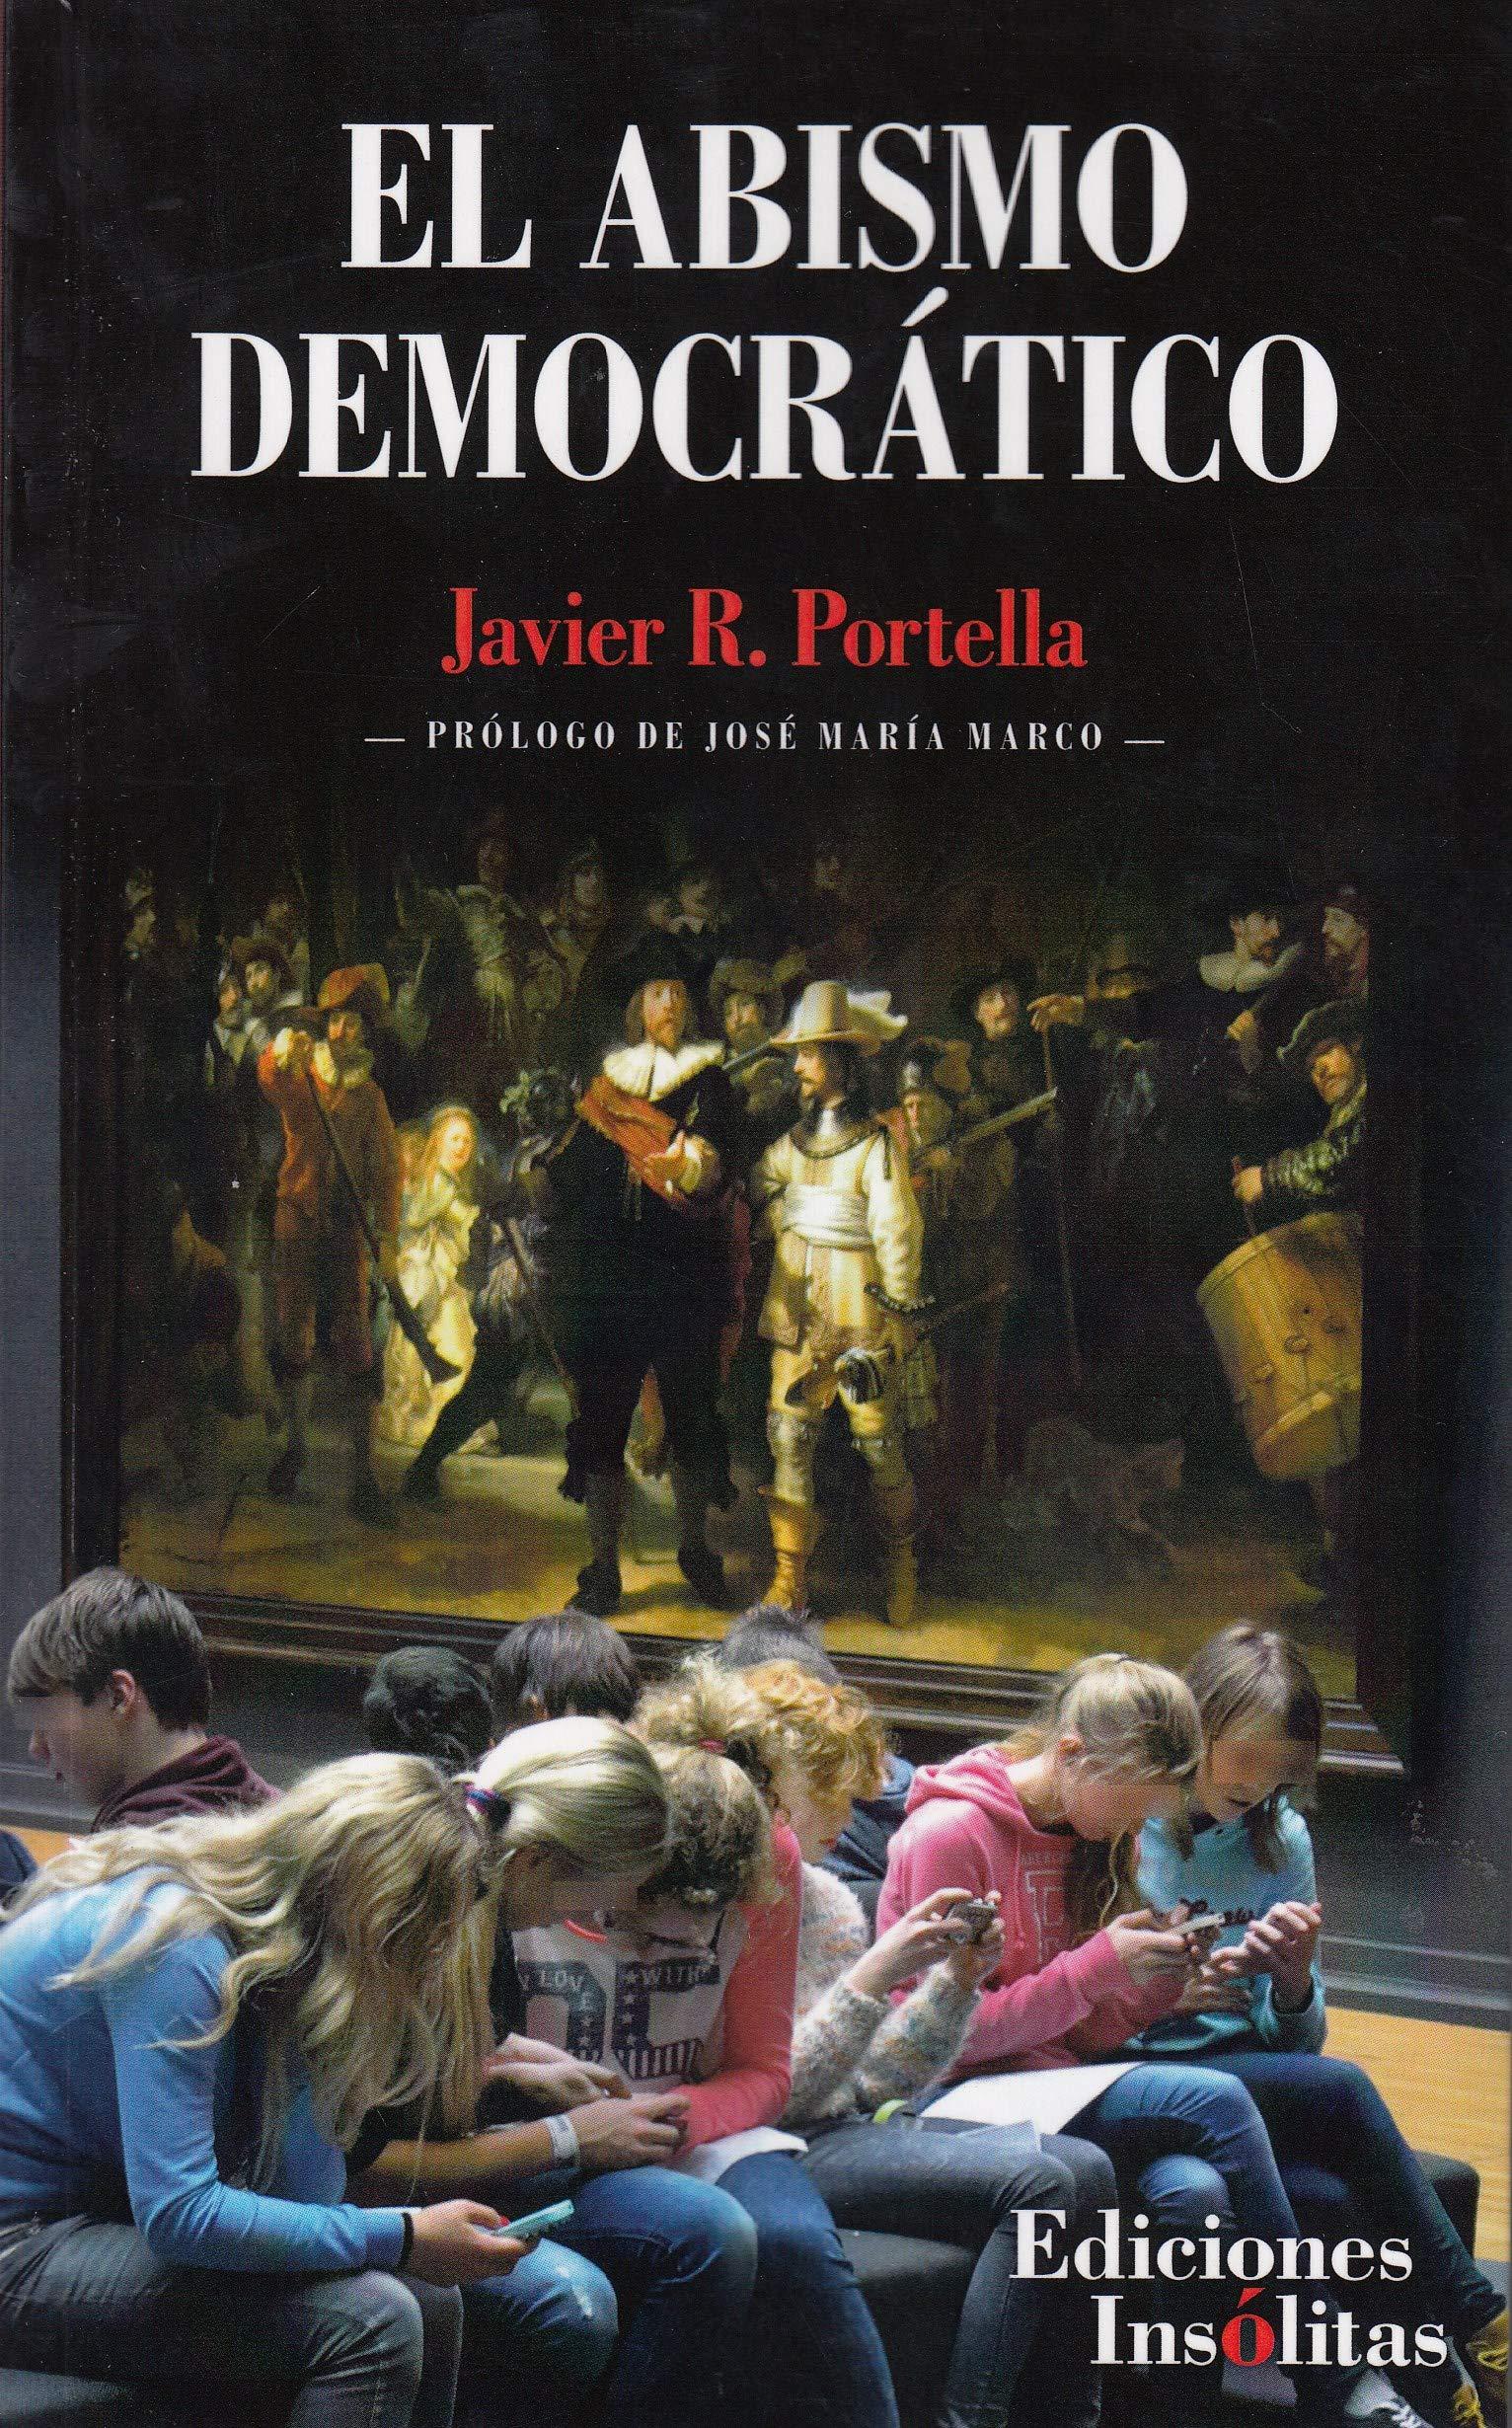 El abismo democrático: Amazon.es: R. Portella, Javier: Libros